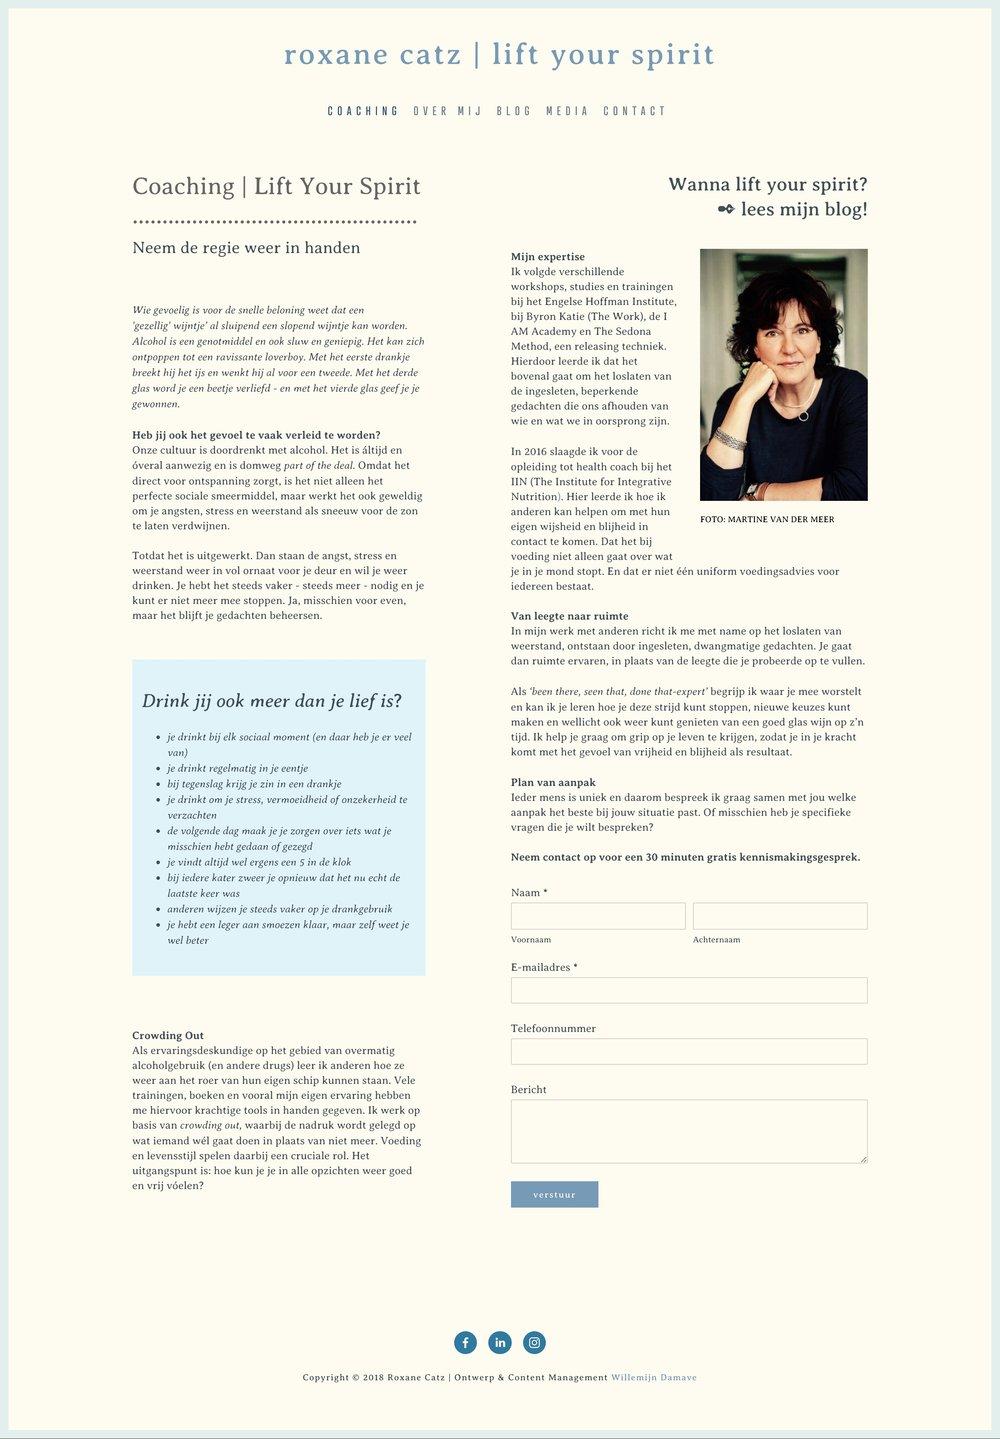 SCREENSHOT 089 - Coaching - https___www.roxanecatz.nl_coaching.jpg